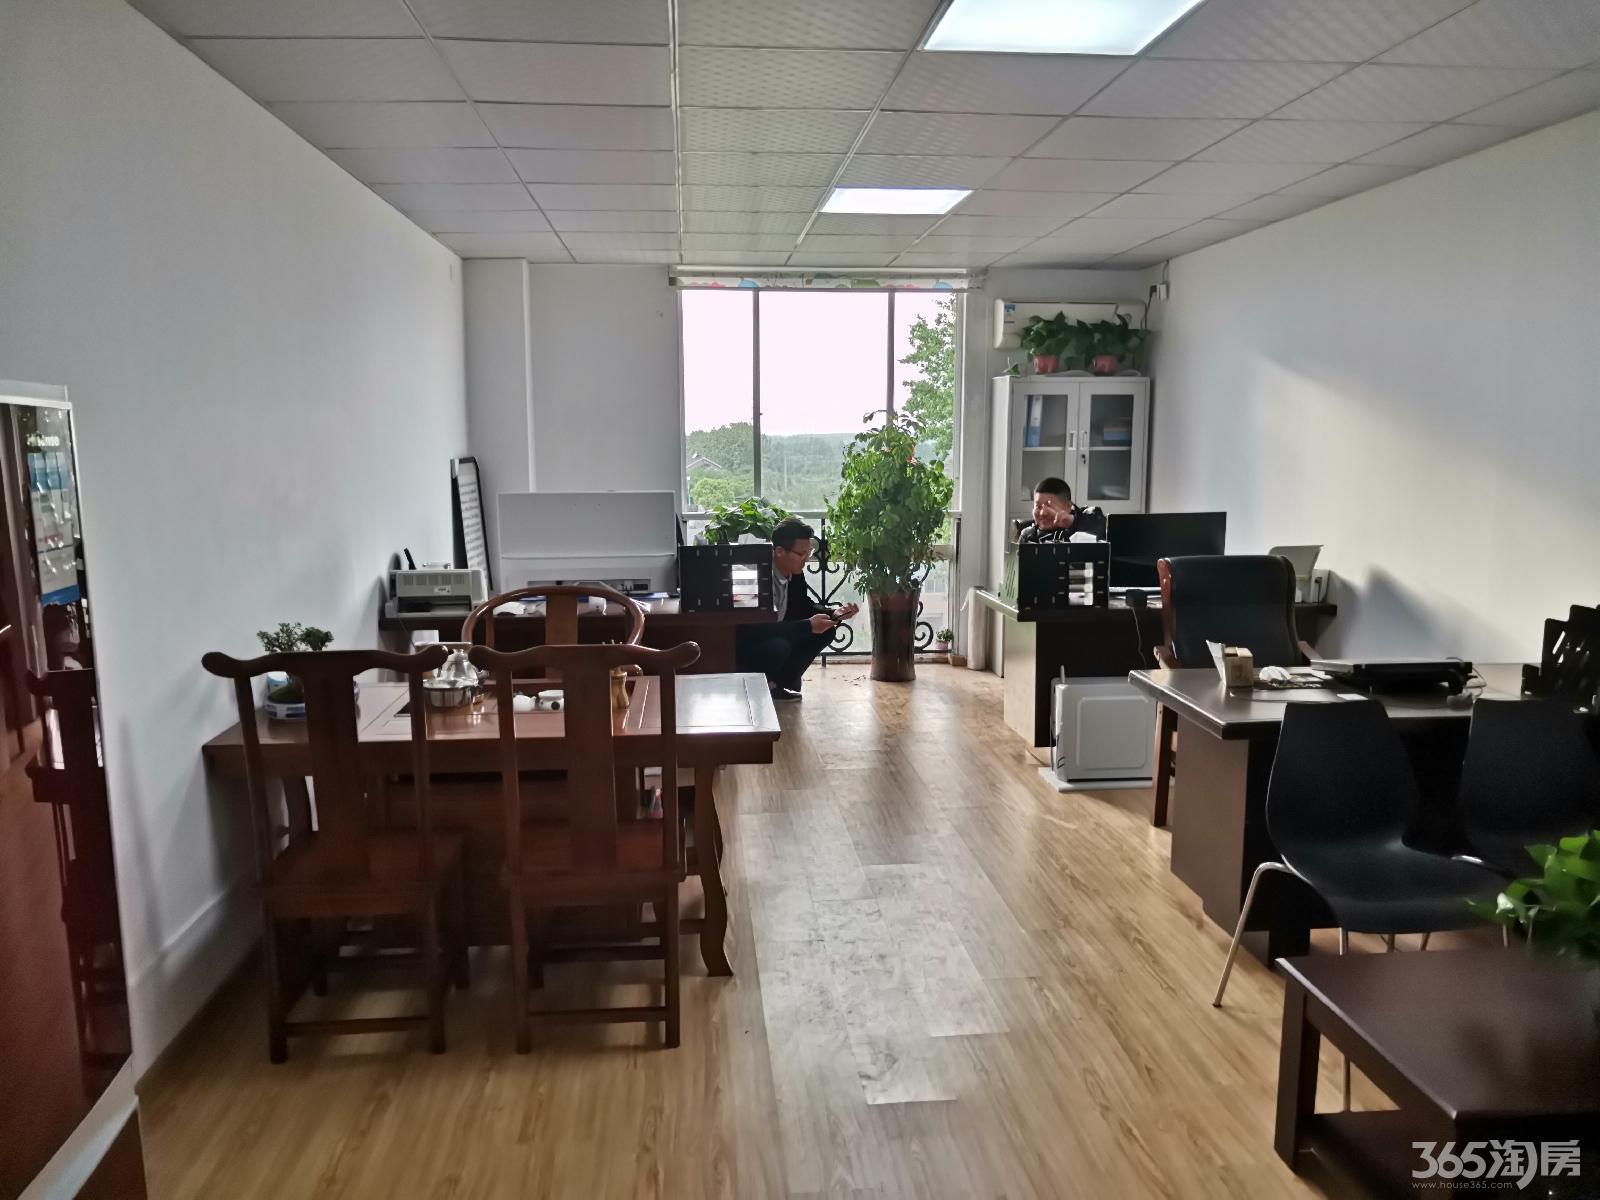 六合区西厂门街道华泽稚善租房